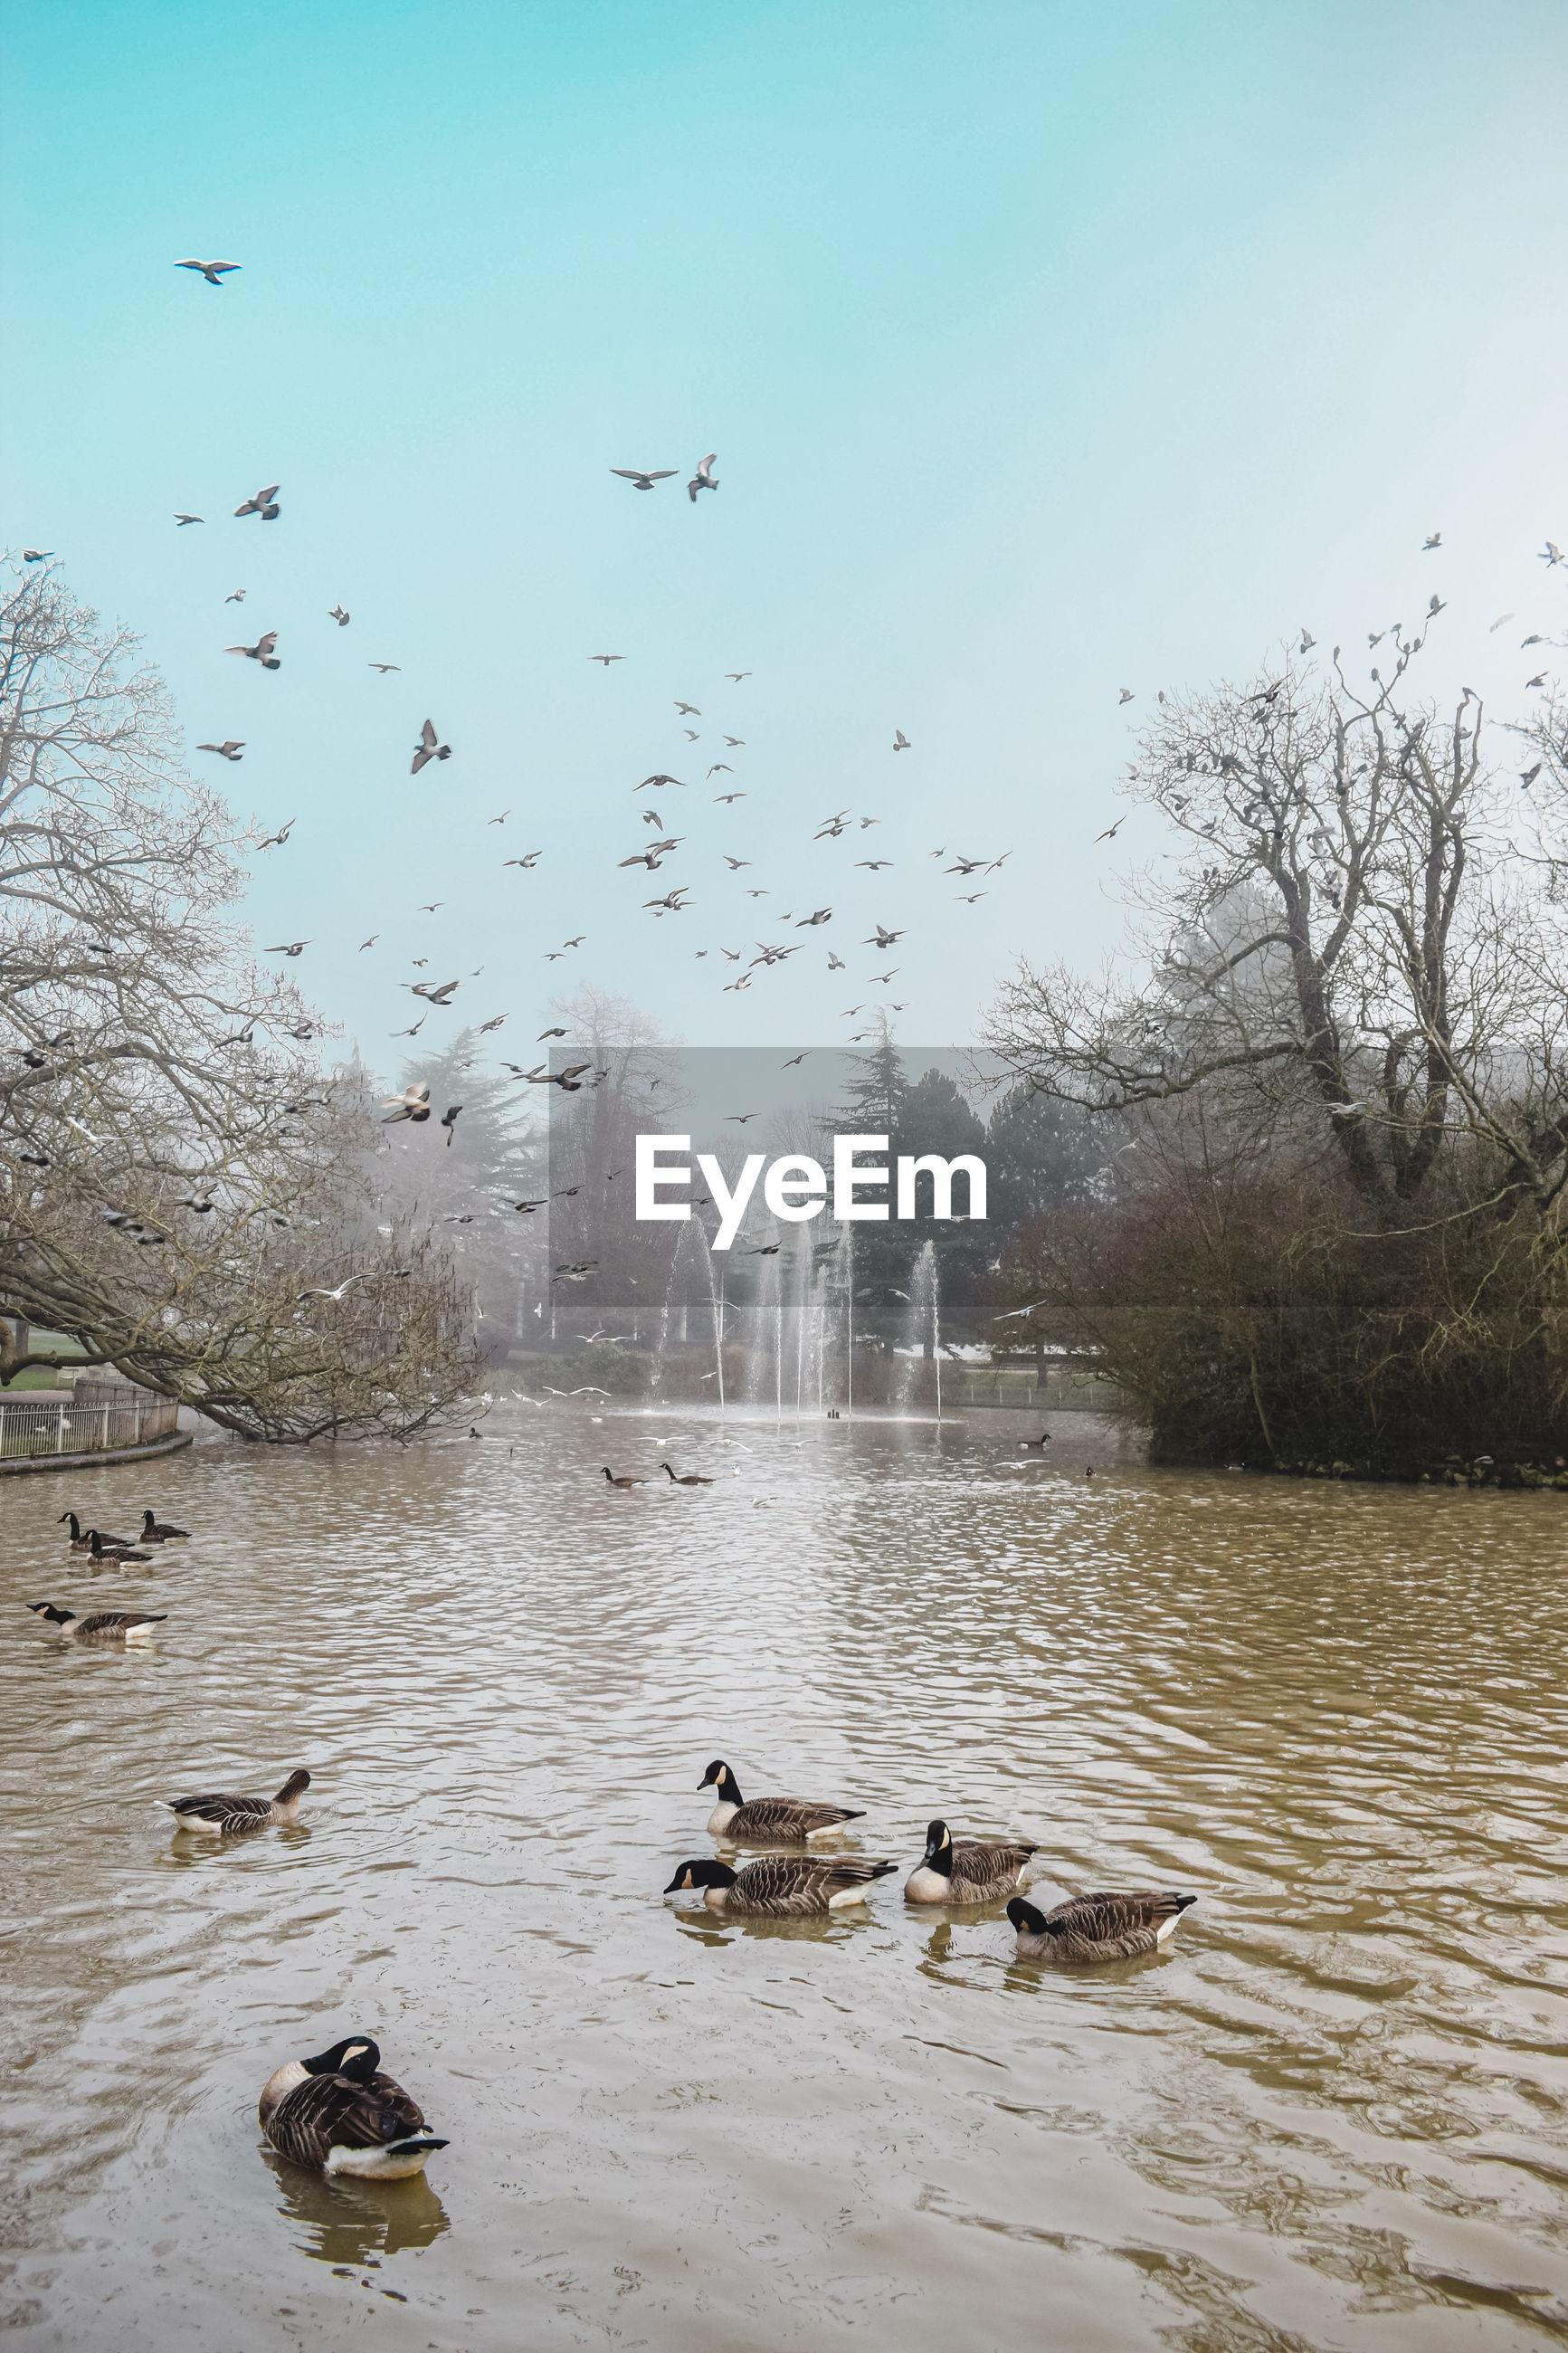 BIRDS FLYING OVER LAKE AGAINST SKY